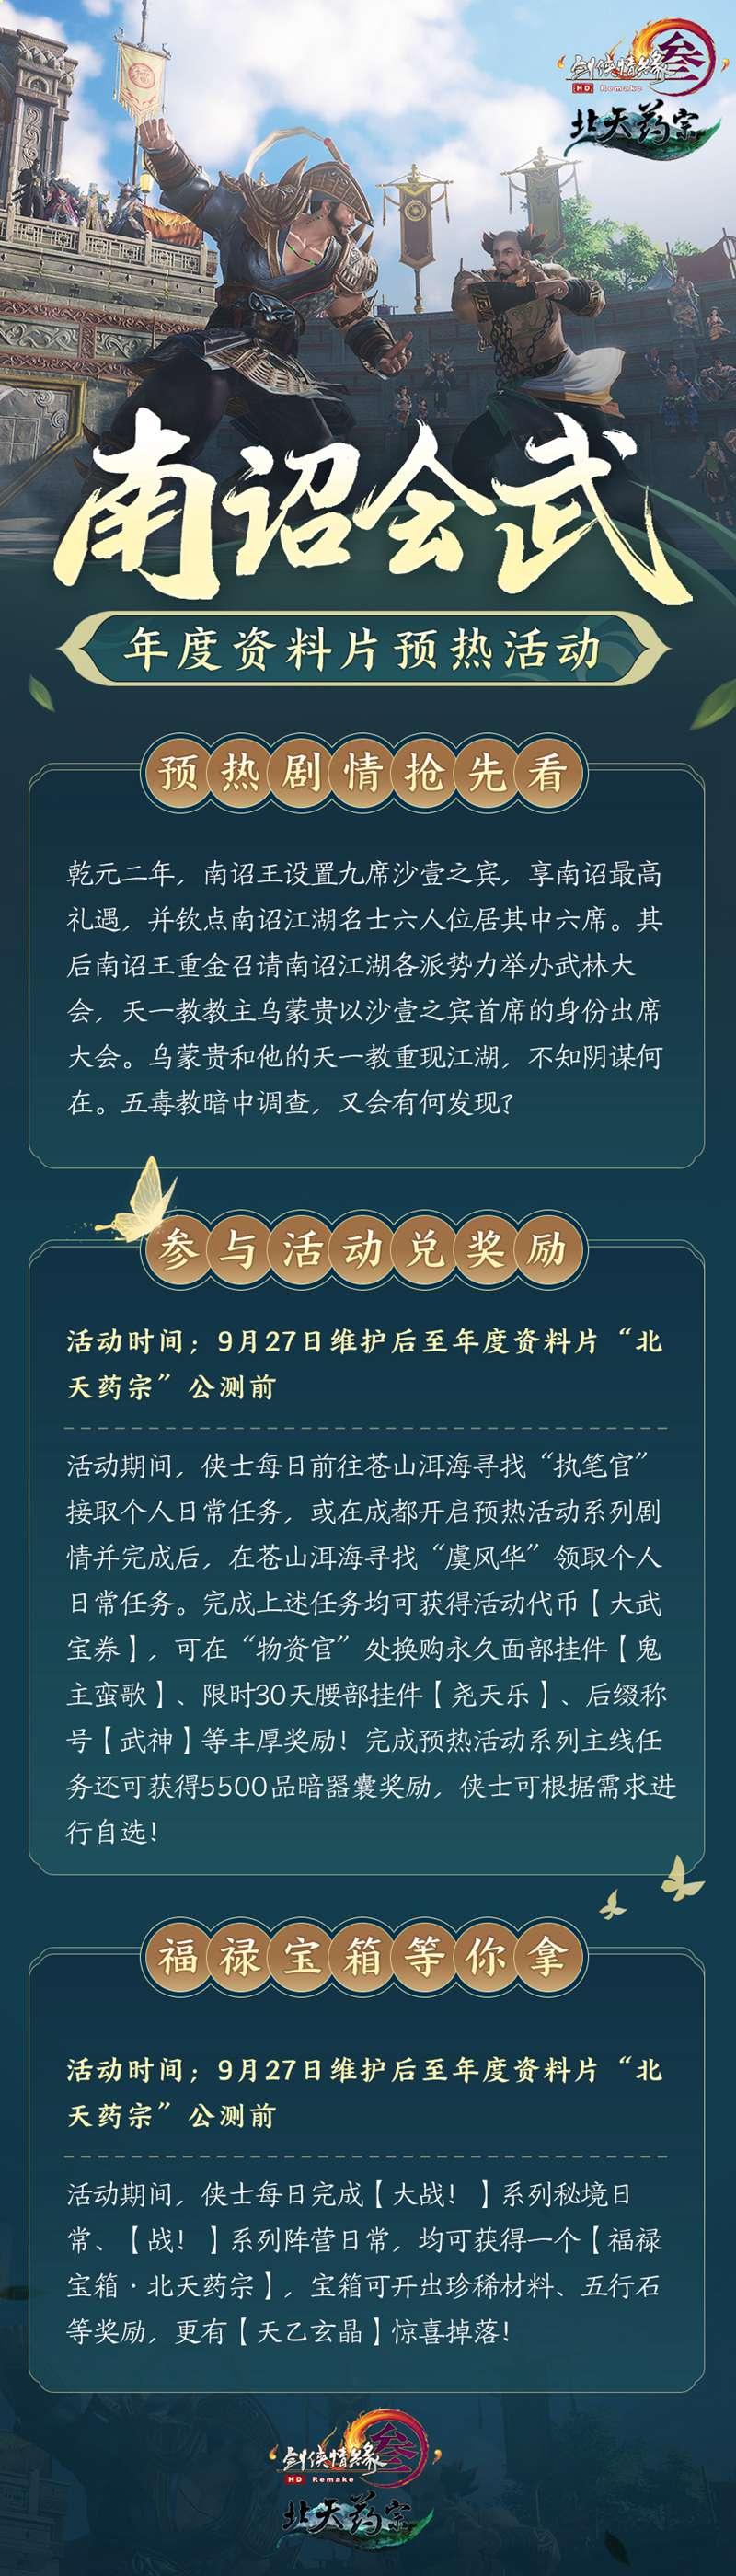 """预创建今日开启 《剑网3》""""北天药宗""""预热活动登场"""